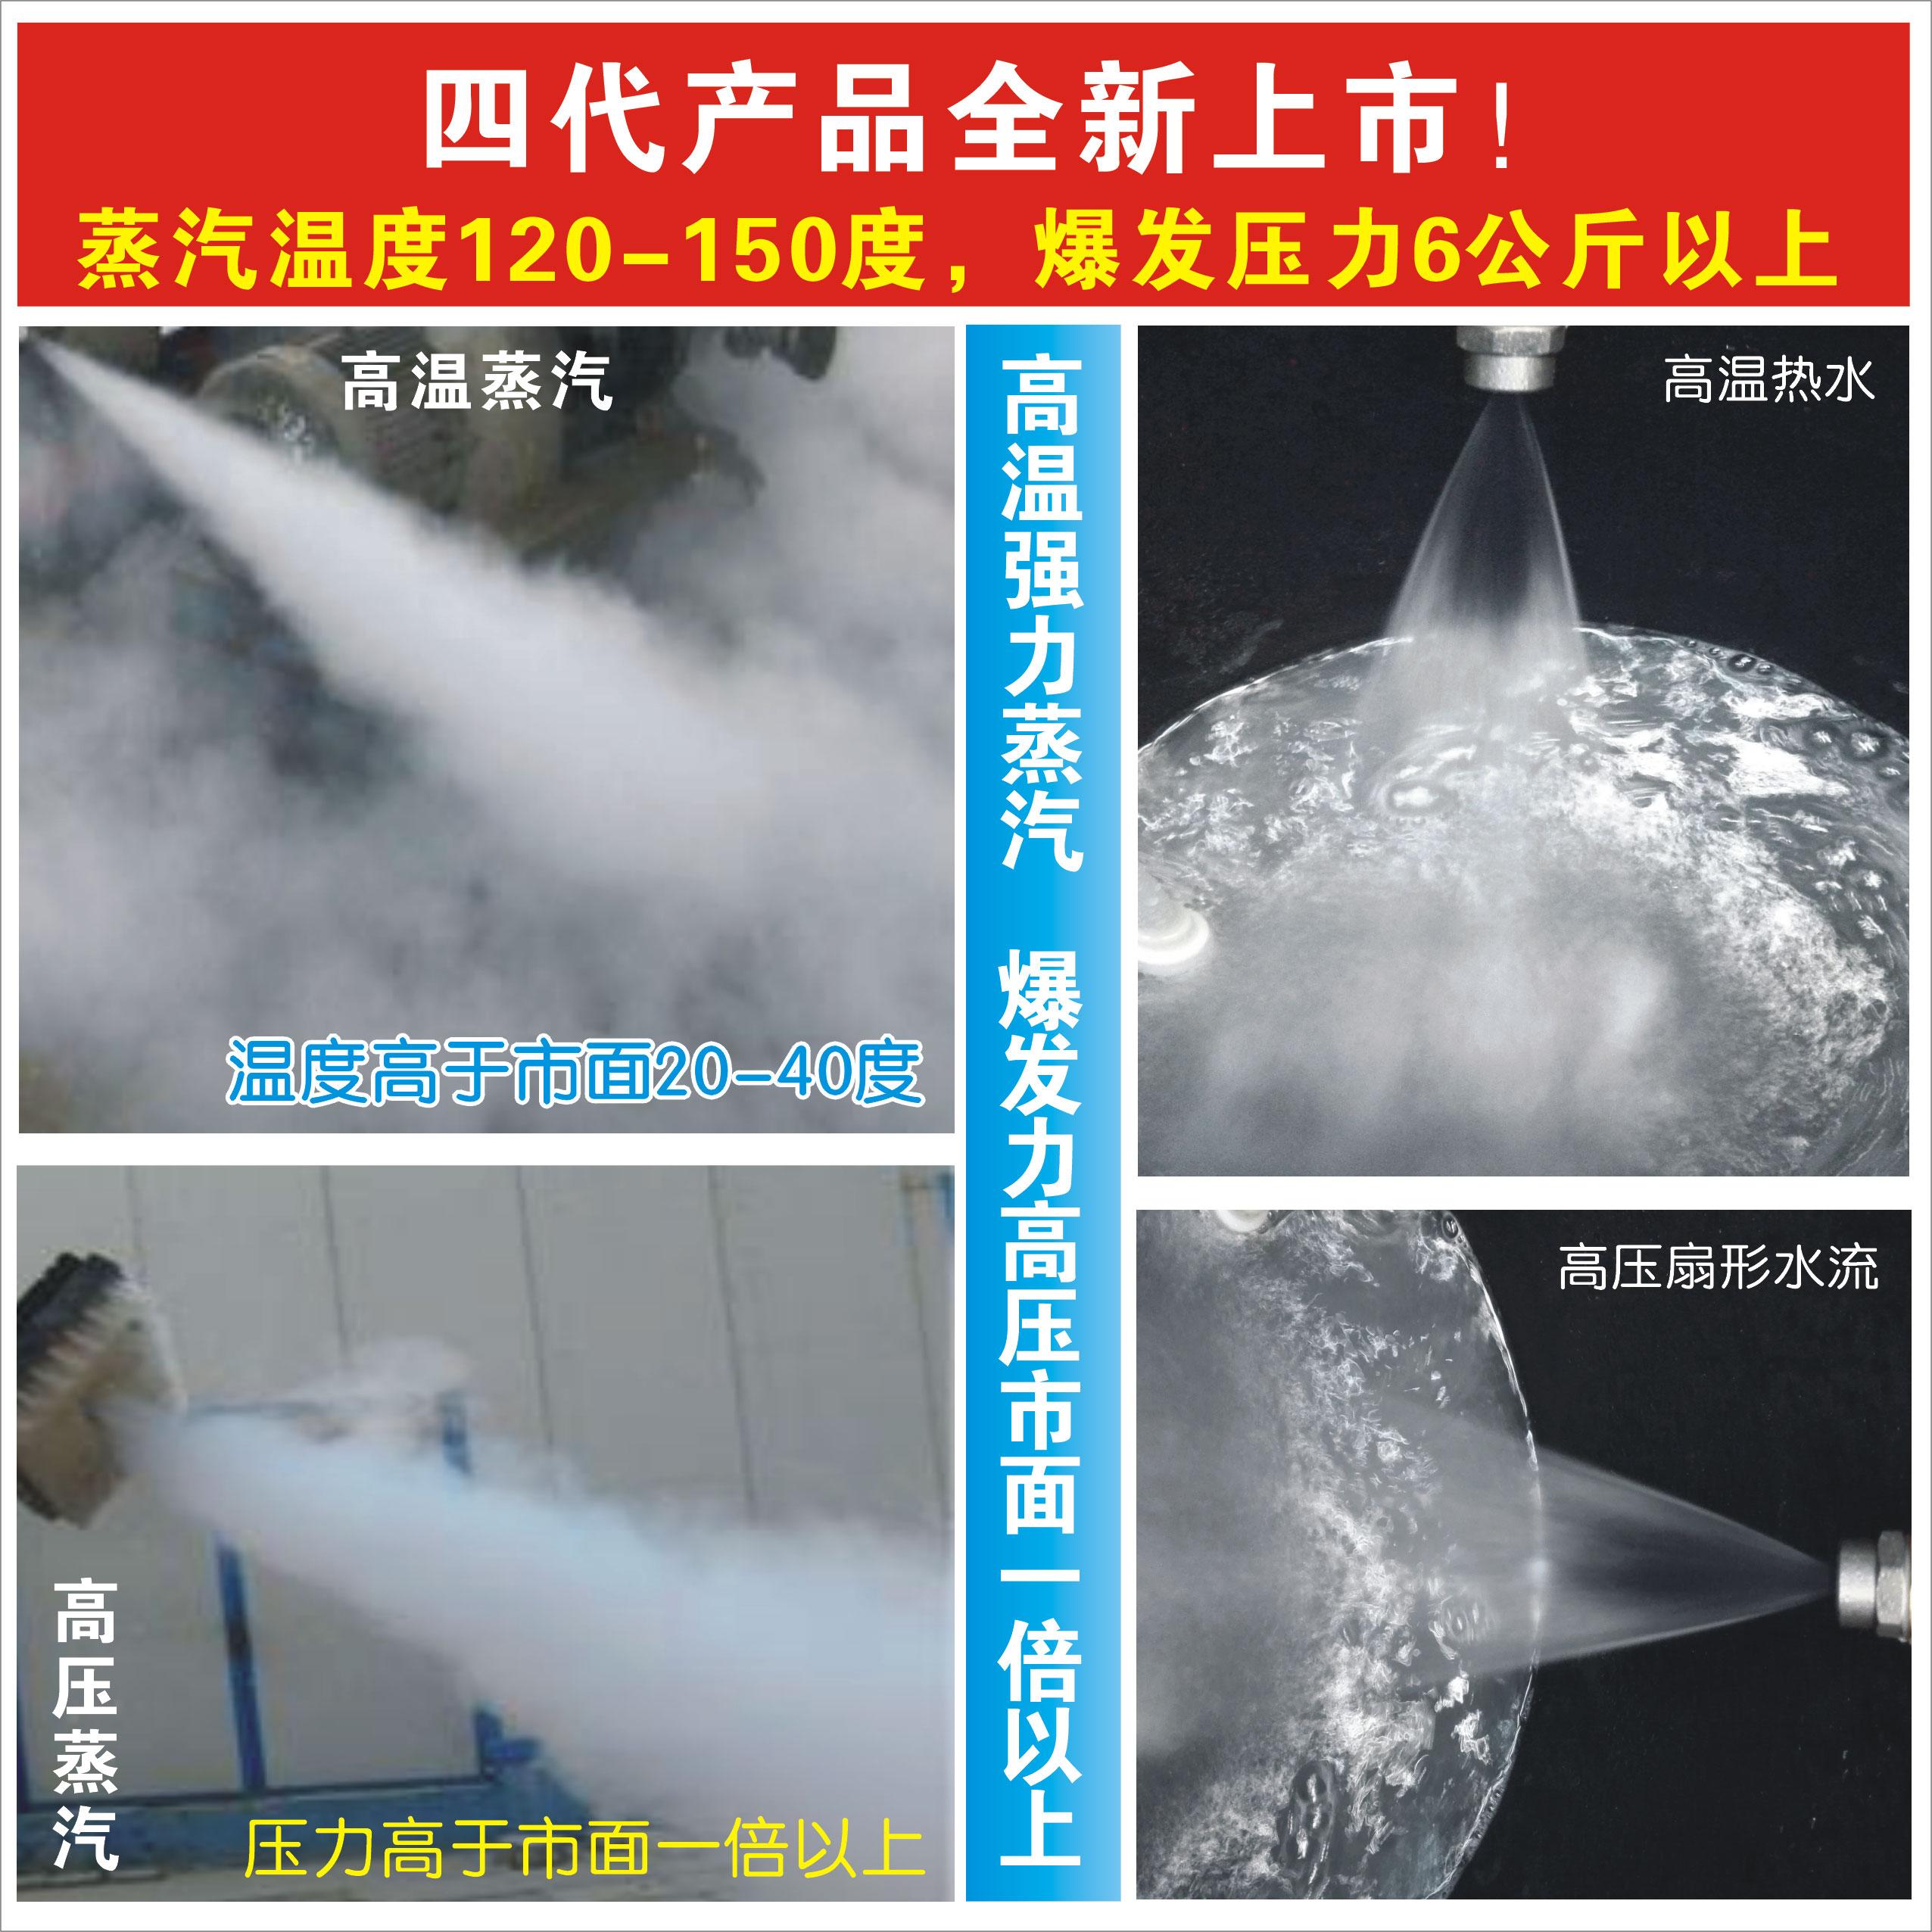 蒸汽洗车机家电清洗机多功能一体机高温高压蒸汽清洁机油烟机空调